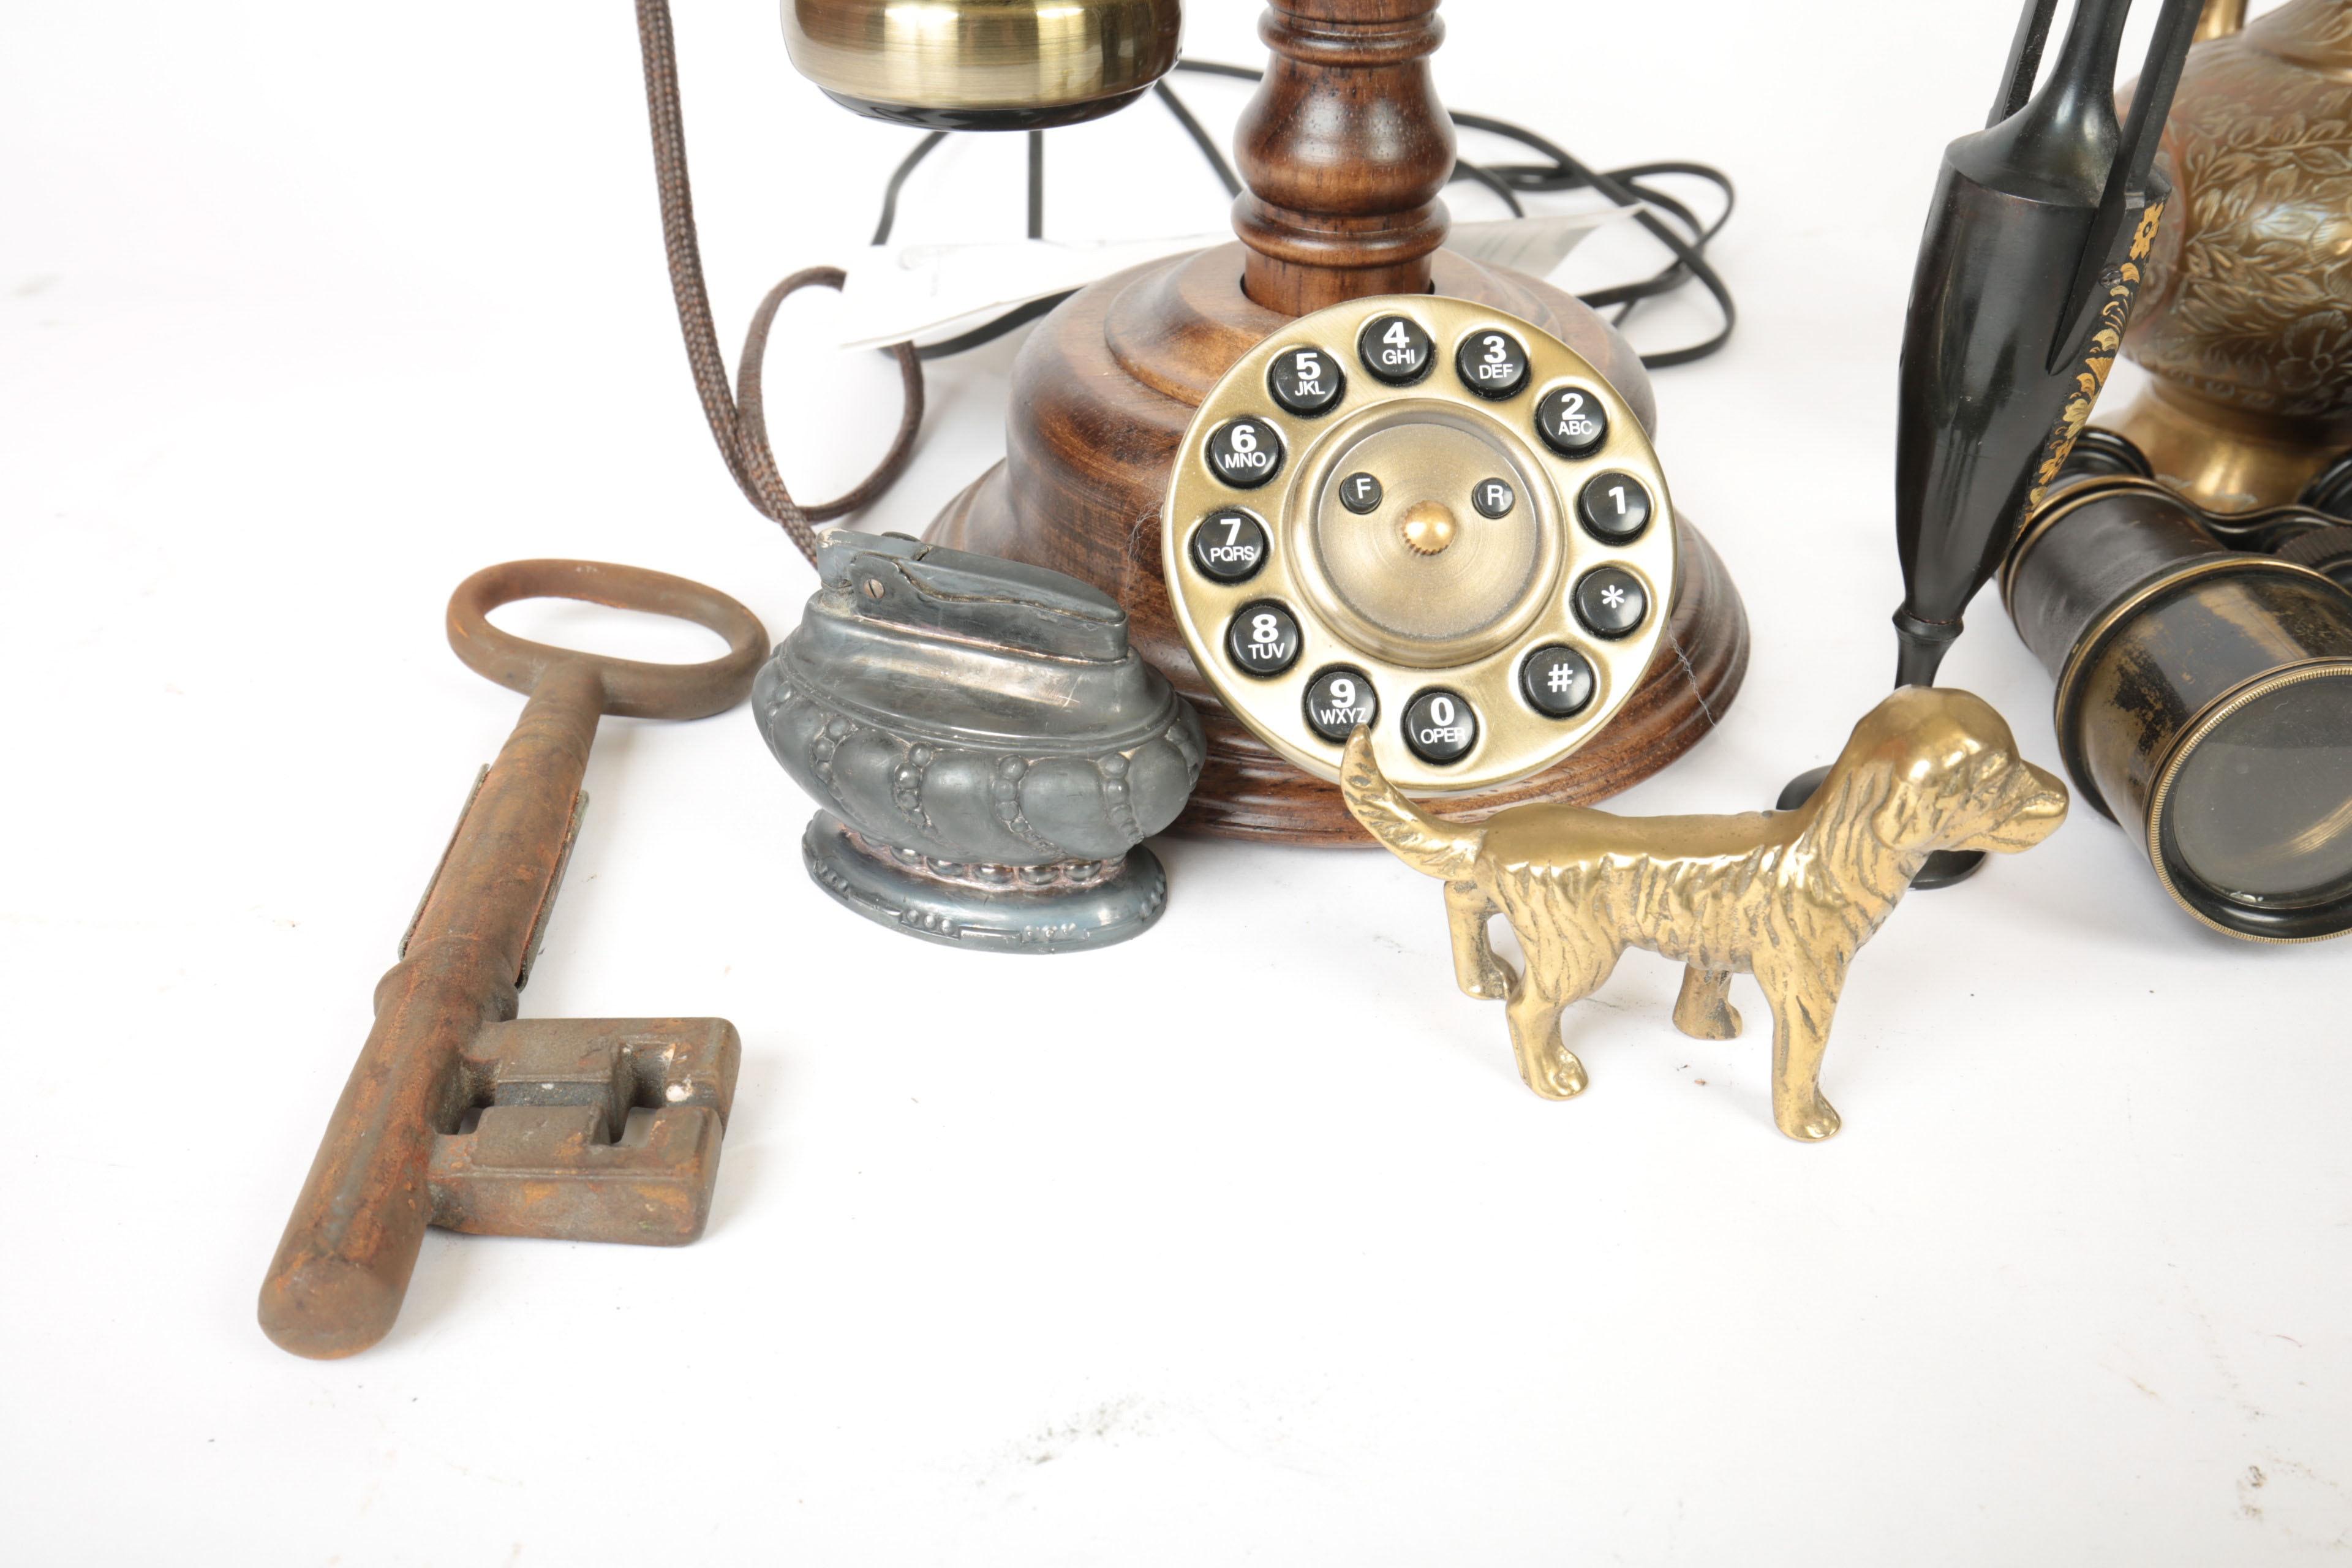 Assorted Desk Decor Including Sterling Silver Letter